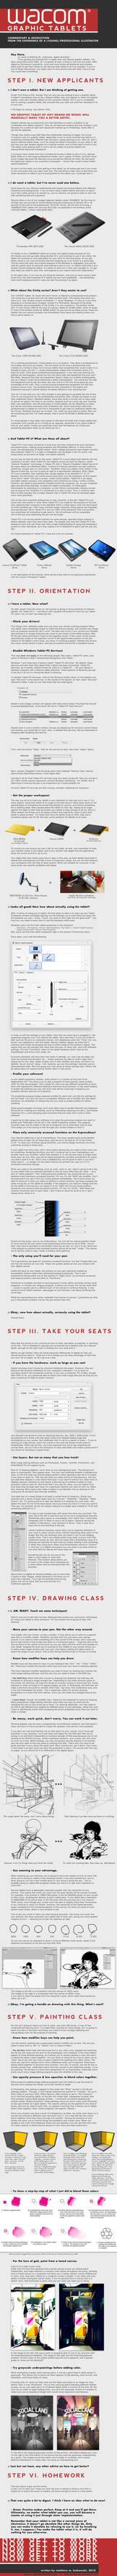 Wacom Starter's Guide 2011